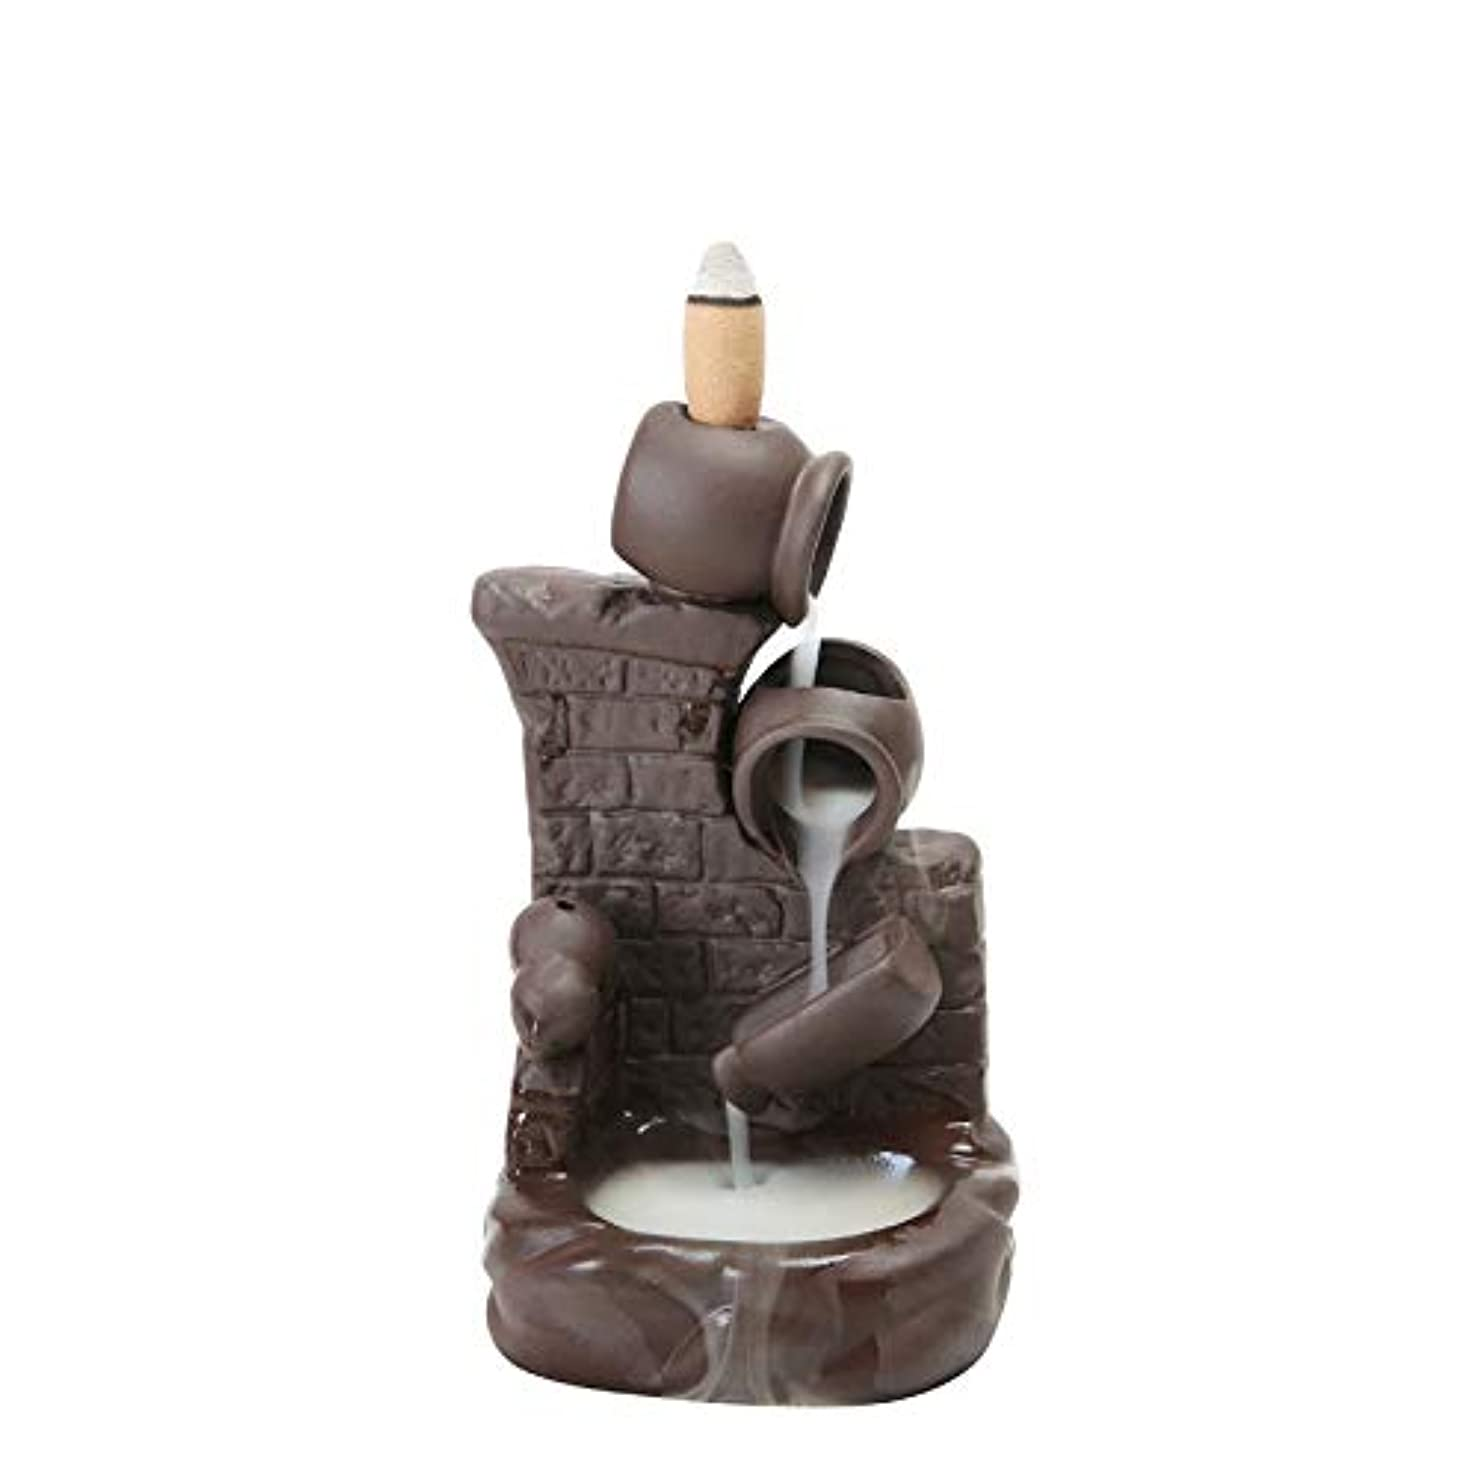 飽和する突破口貼り直す(Style 6) - Gift Pro Ceramic Backflow Incense Tower Burner Statue Figurine Incense Holder Incenses Not Included...